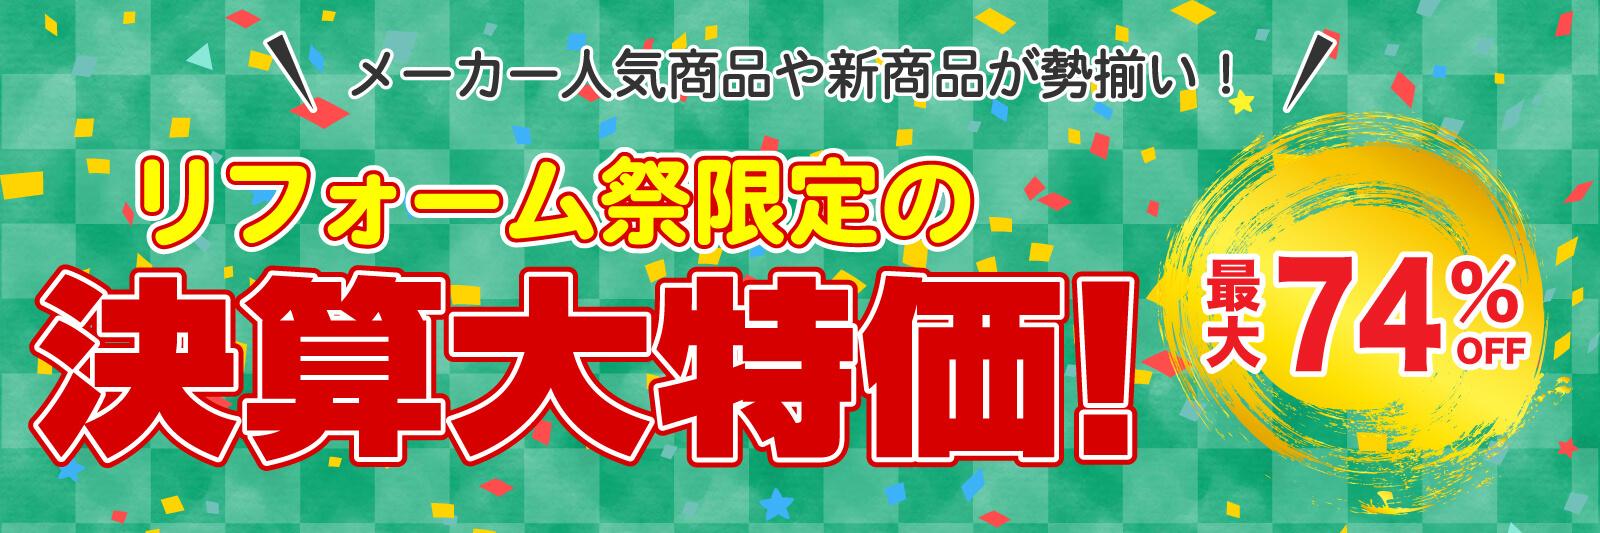 仙台のリフォーム専門店 DAIKUダイク リフォーム祭限定 決算大特価